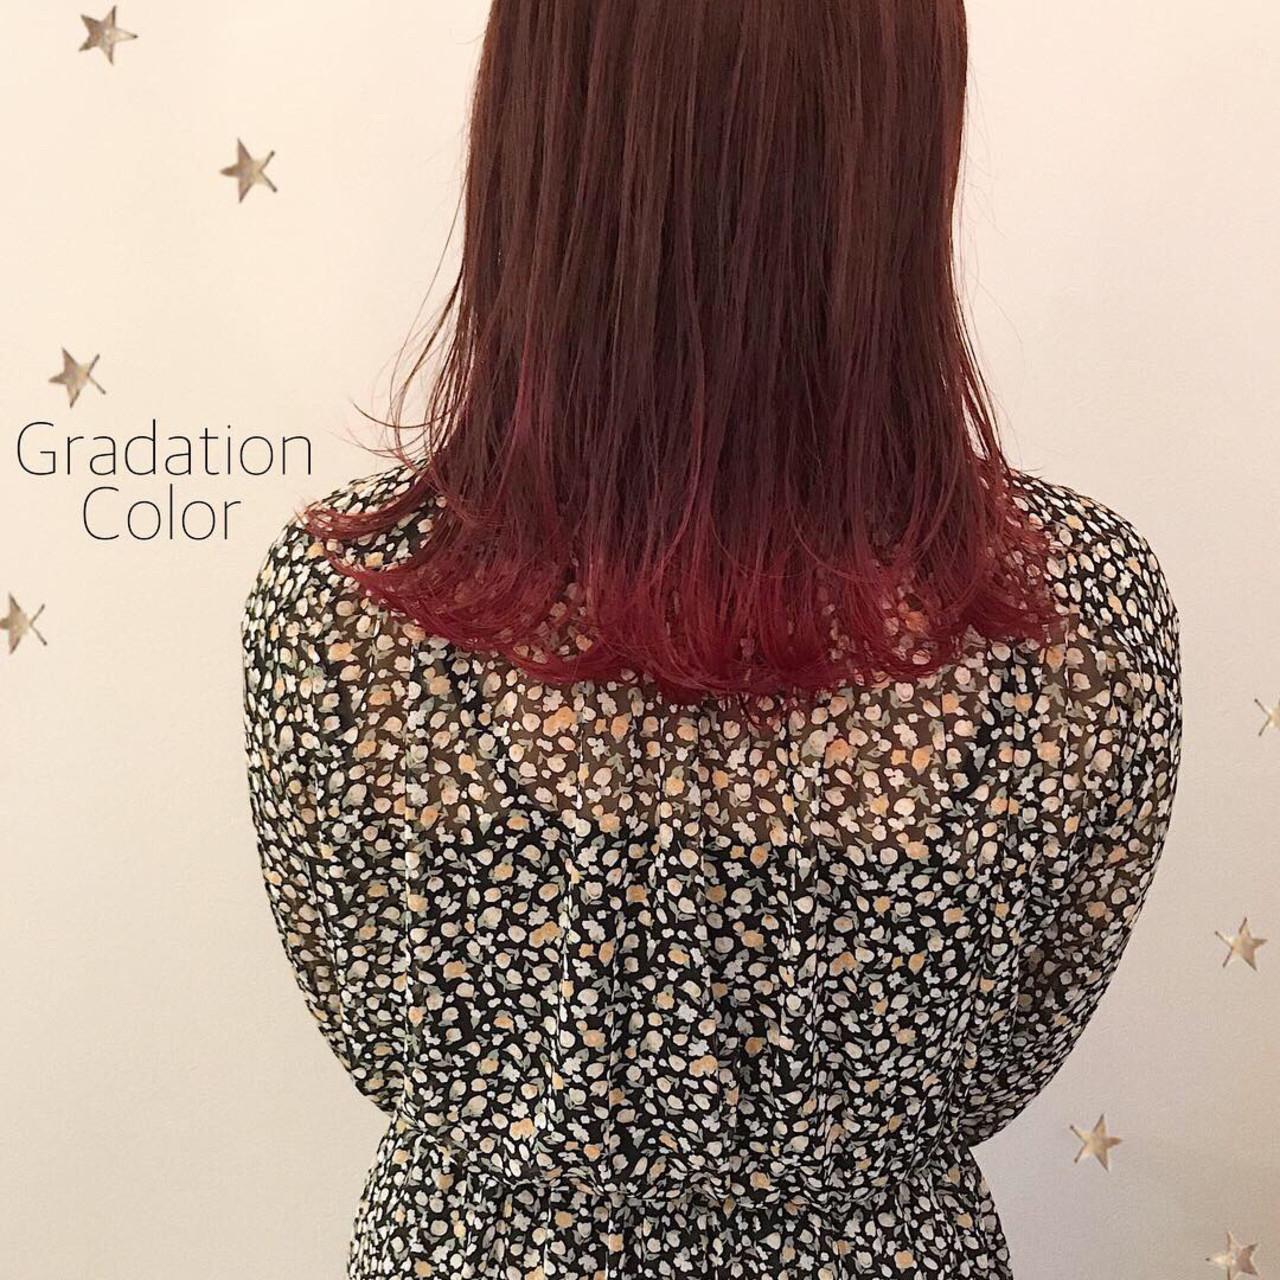 ミディアム ストリート ワンカール グラデーション ヘアスタイルや髪型の写真・画像 | 市川千夏*札幌 / salon AKIRA